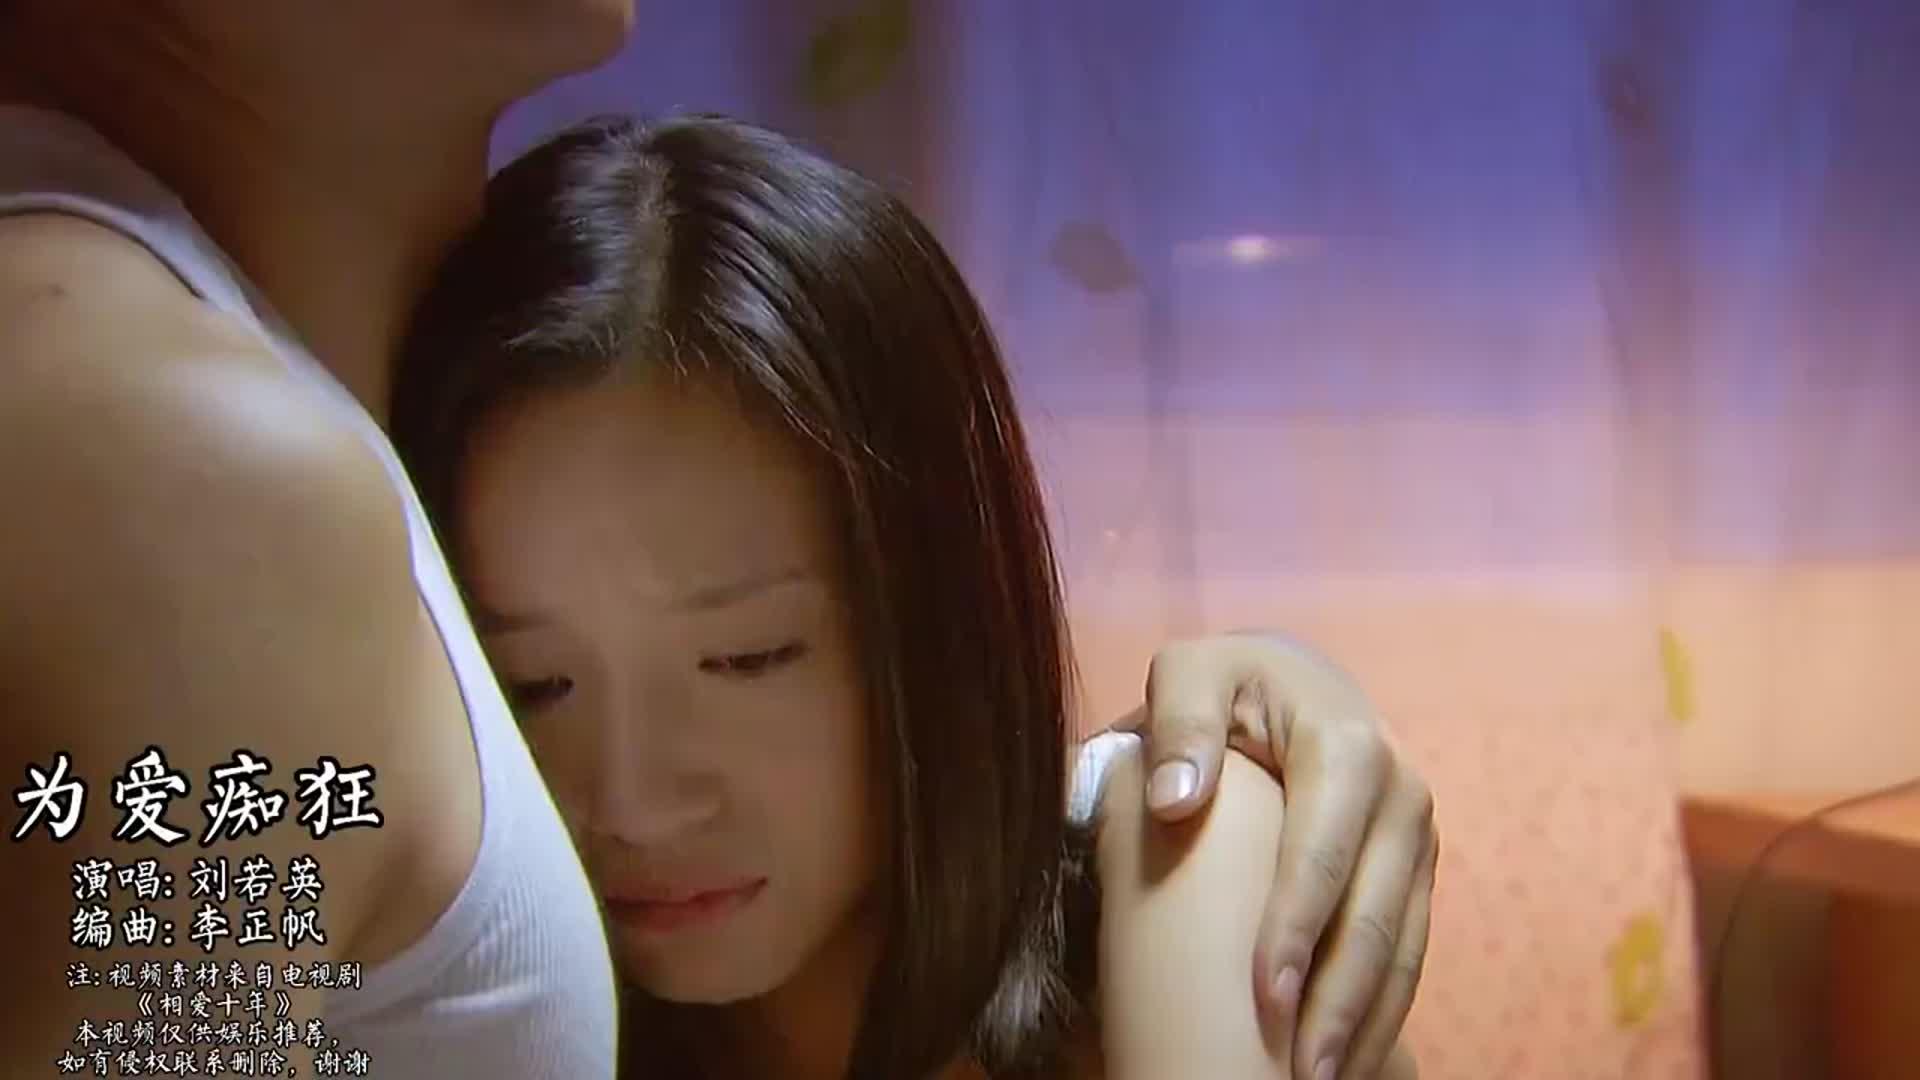 刘若英这首《为爱痴狂》经典好听,听一遍喜欢一遍,就是